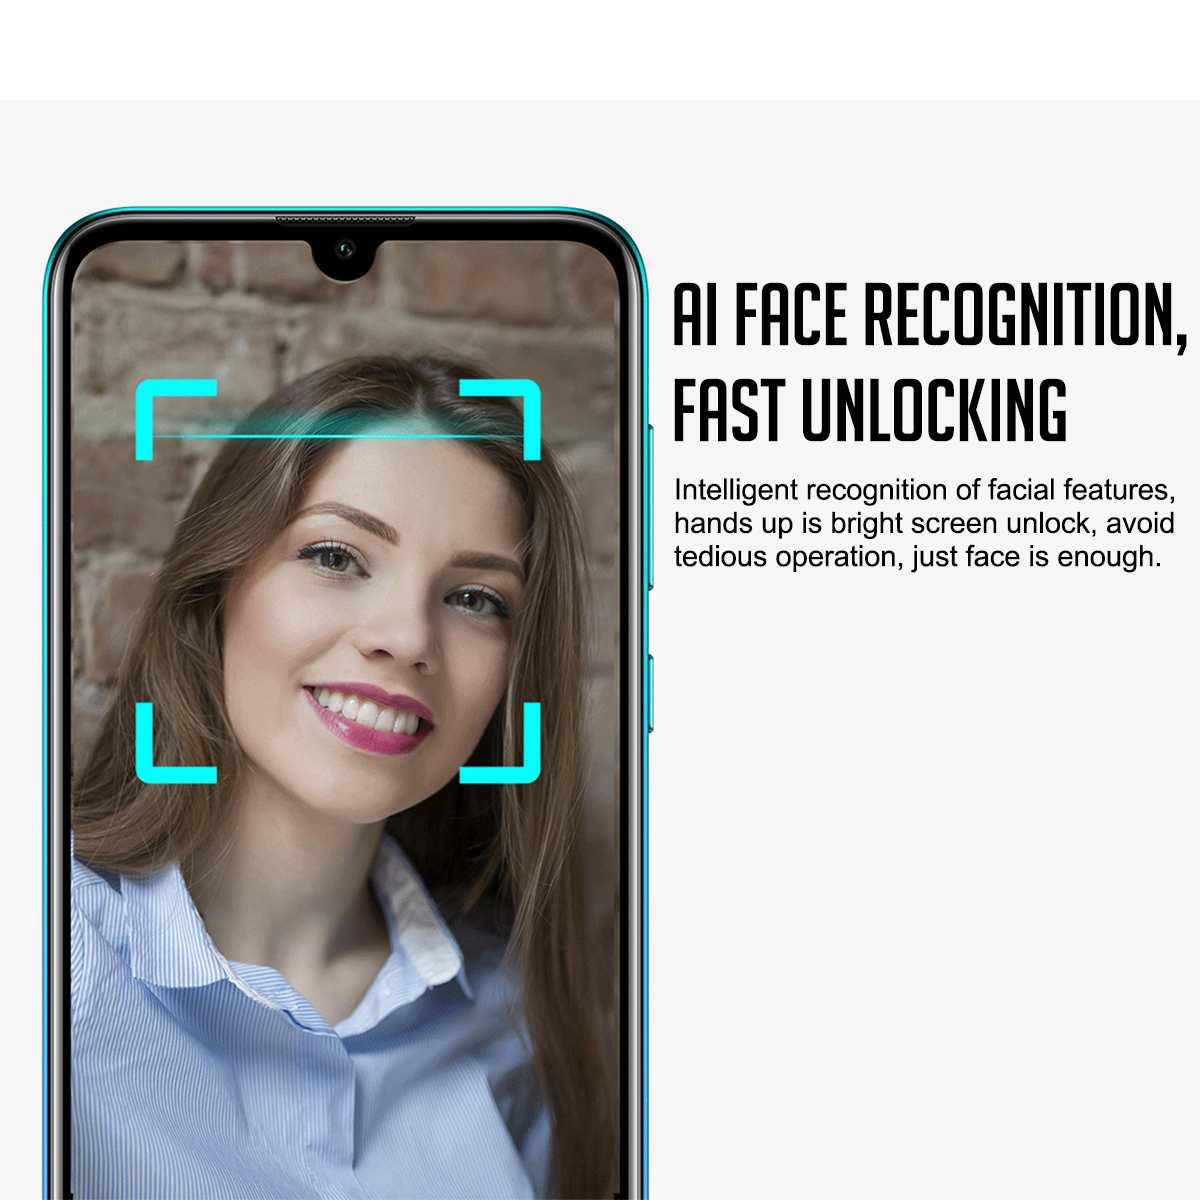 Huawei profiter de 9 téléphone intelligent 3 + 32G 6.26